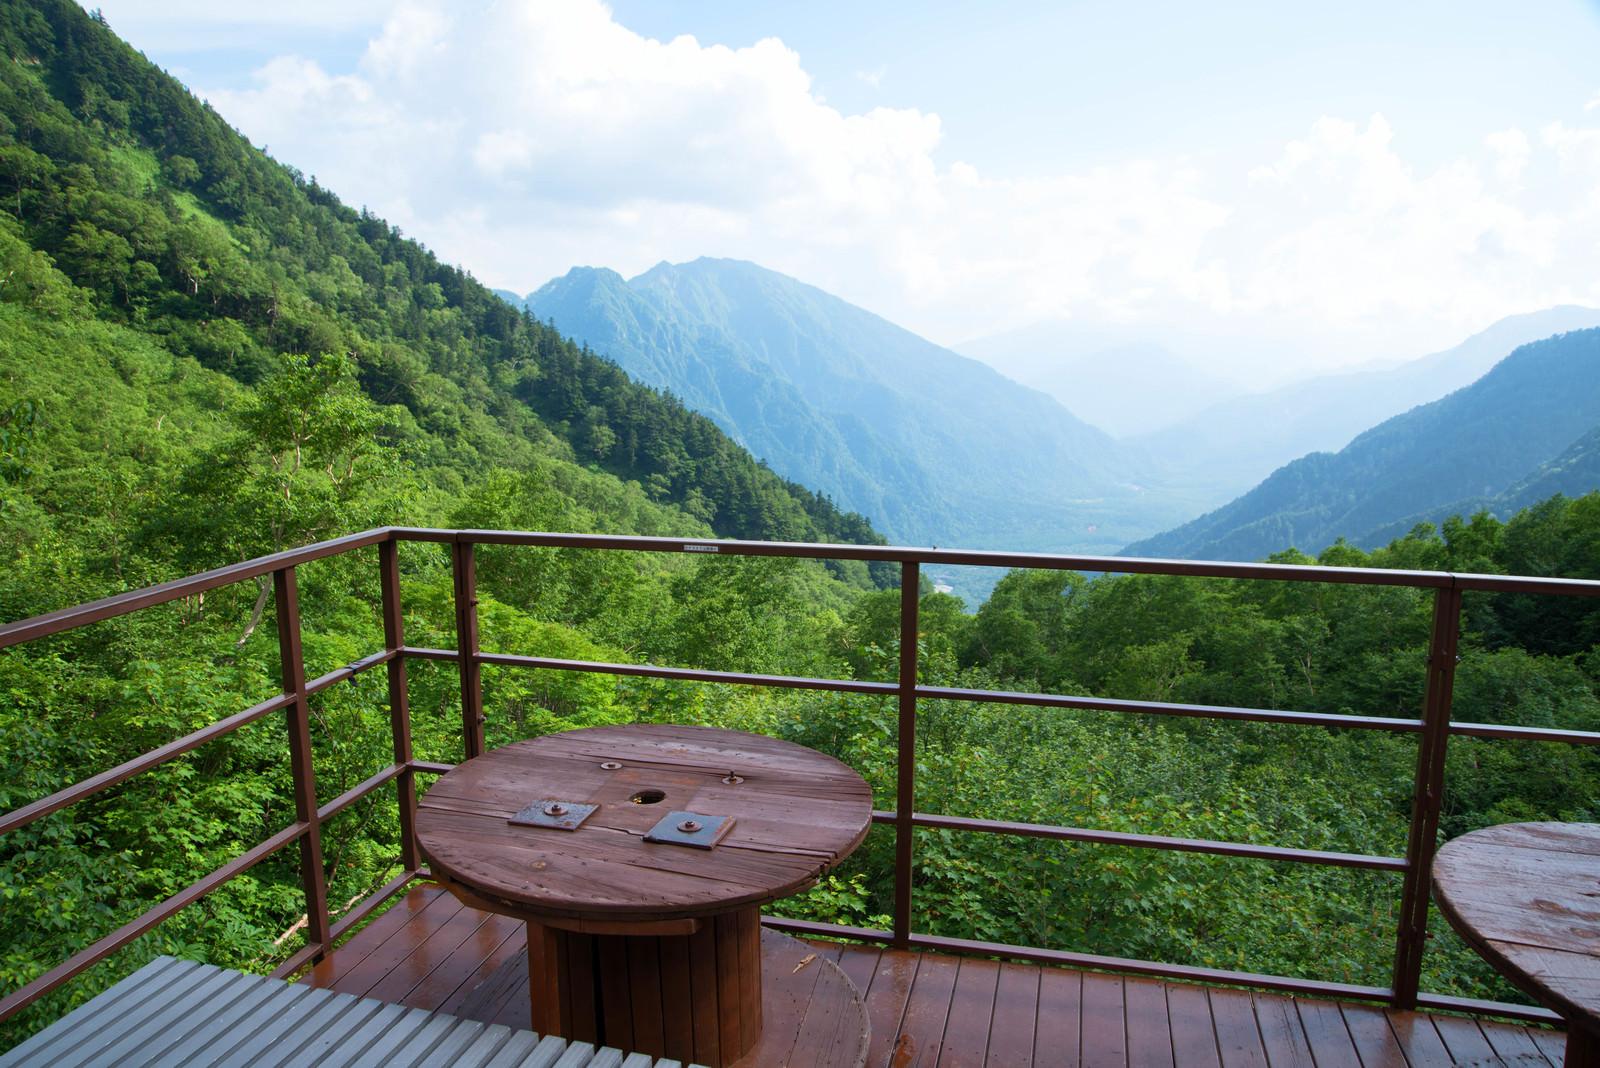 「上高地を望むテラス(岳沢山荘)」の写真